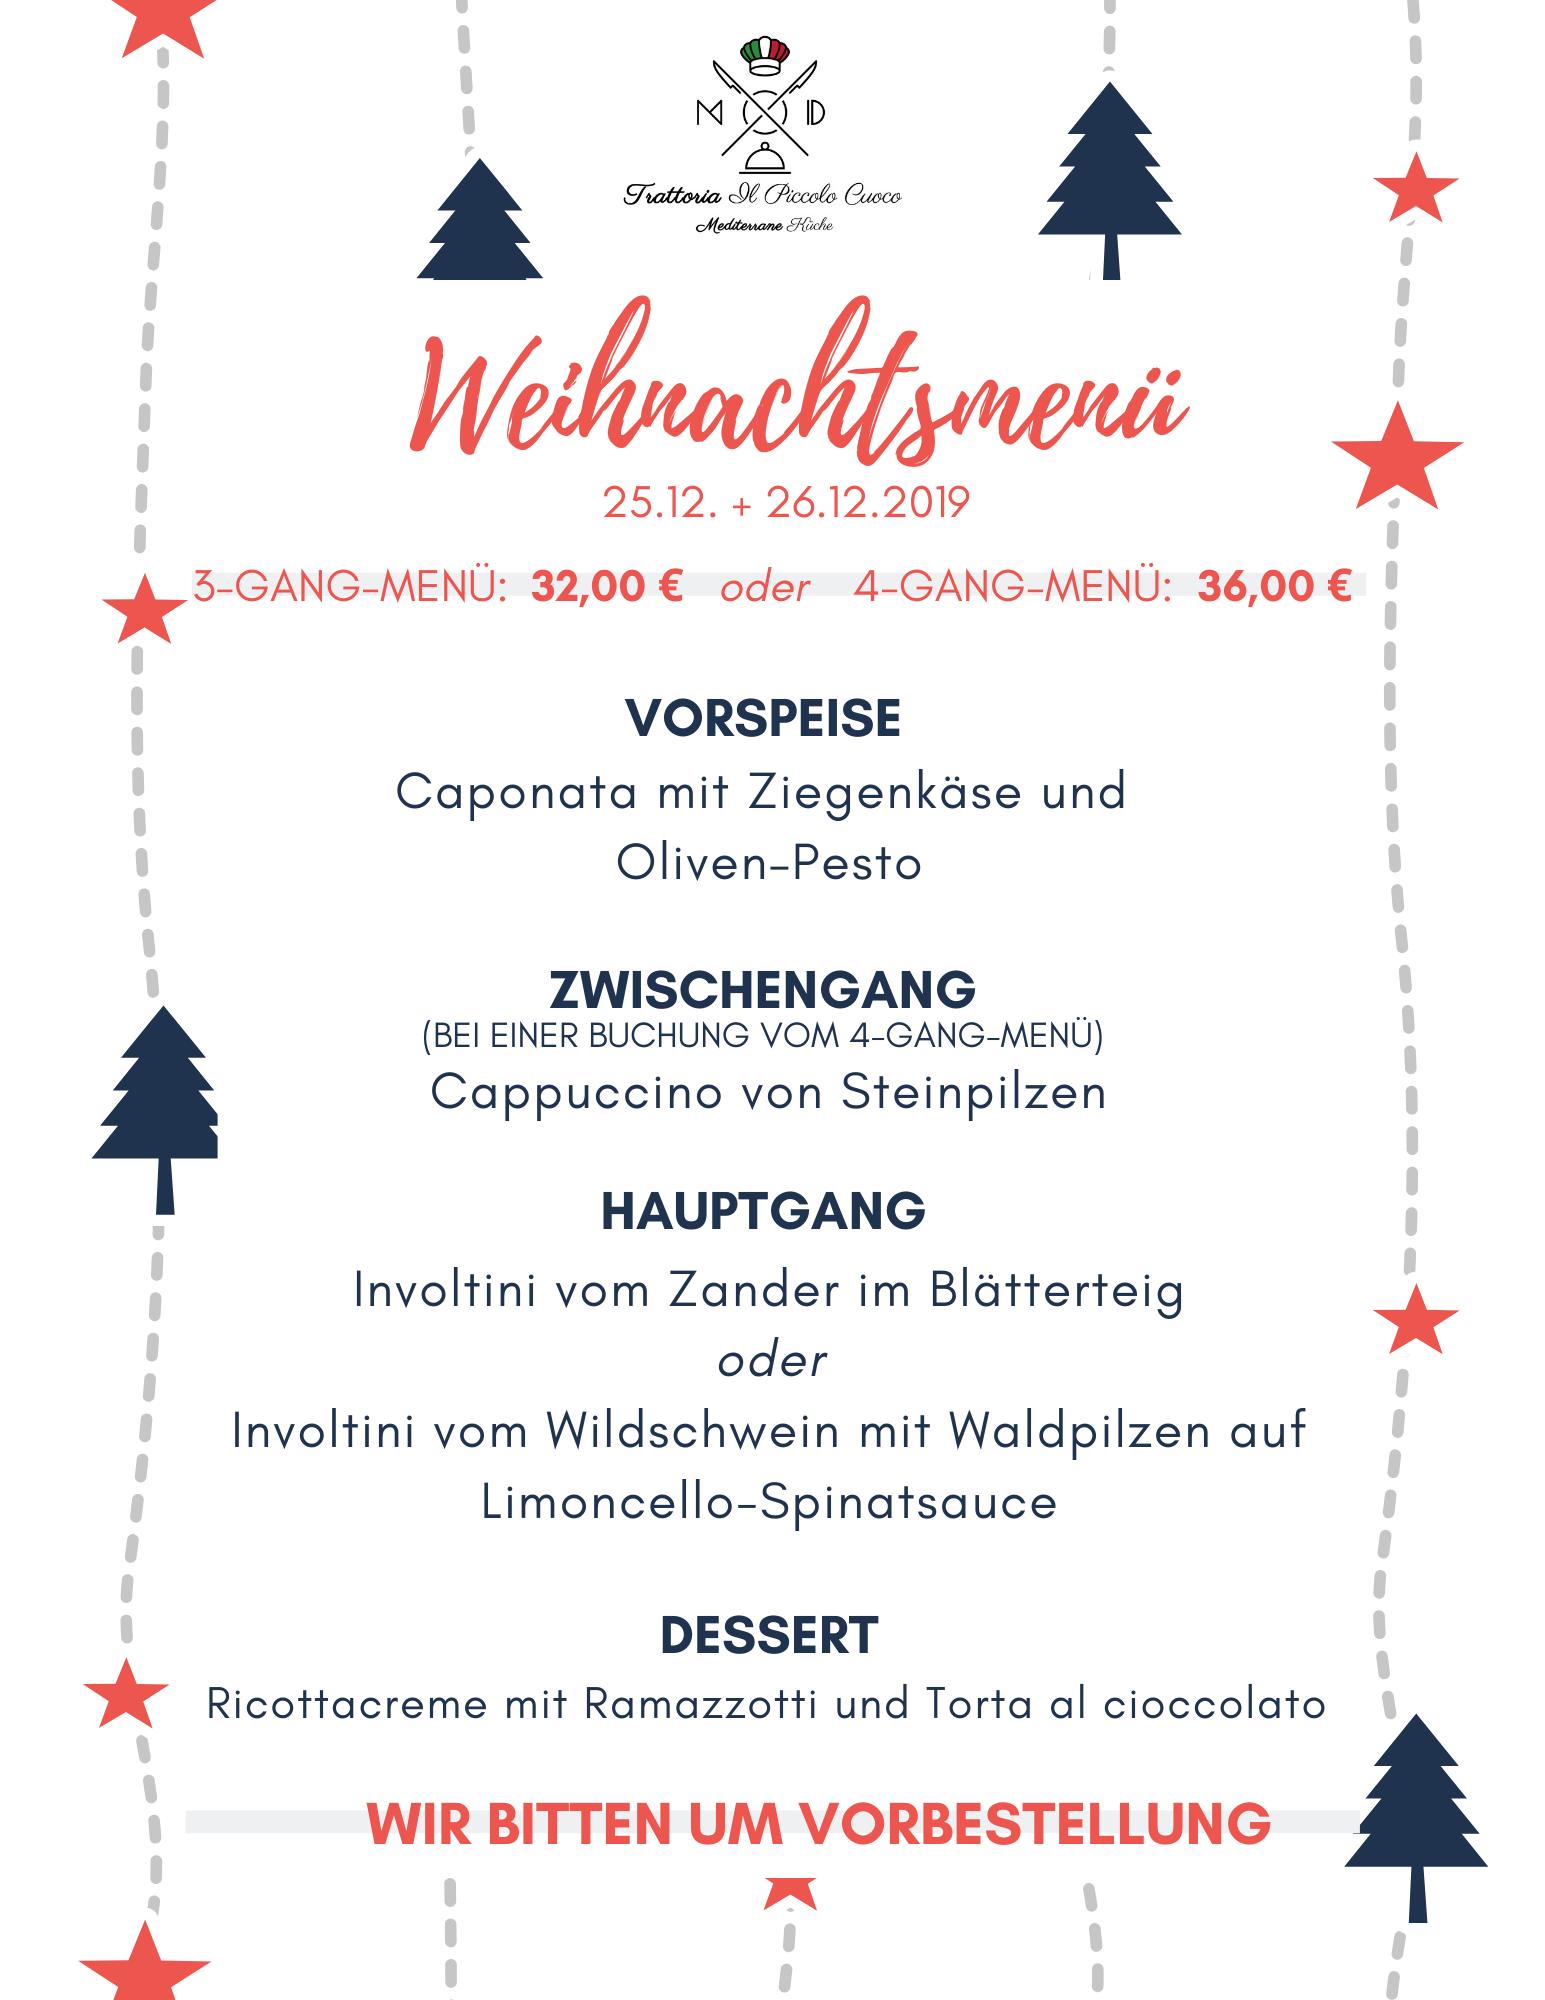 Kulinarisches Weihnachtsmenü Il Piccolo Cuoco Ratingen